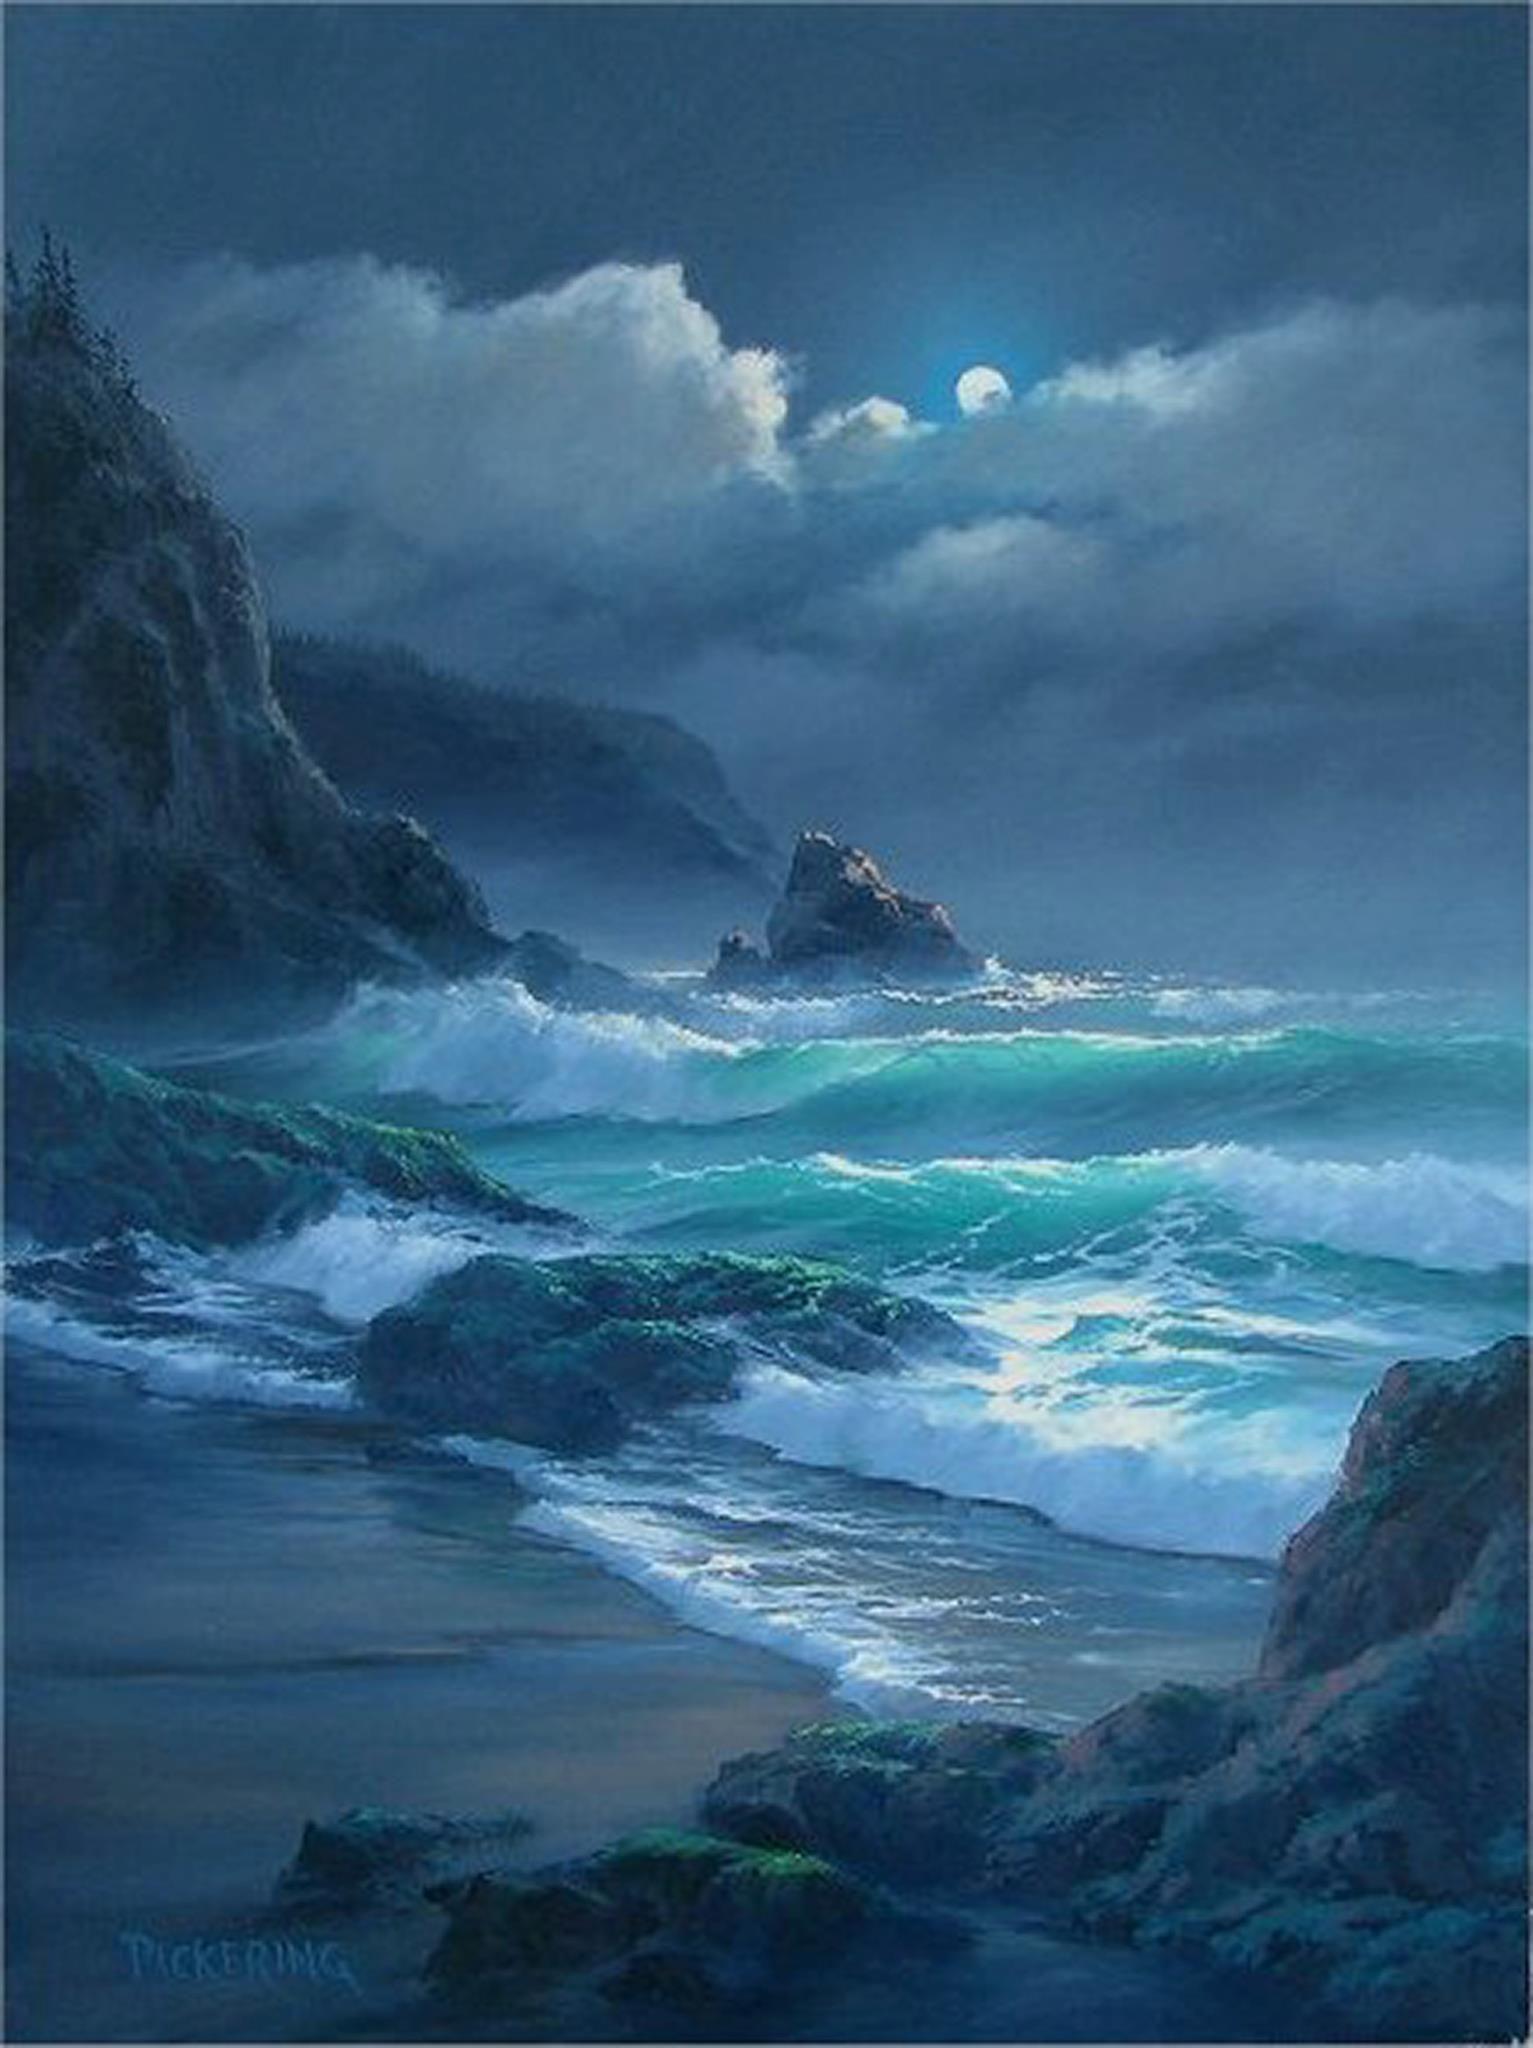 Evening Ocean Painting Seascape Paintings Ocean Art